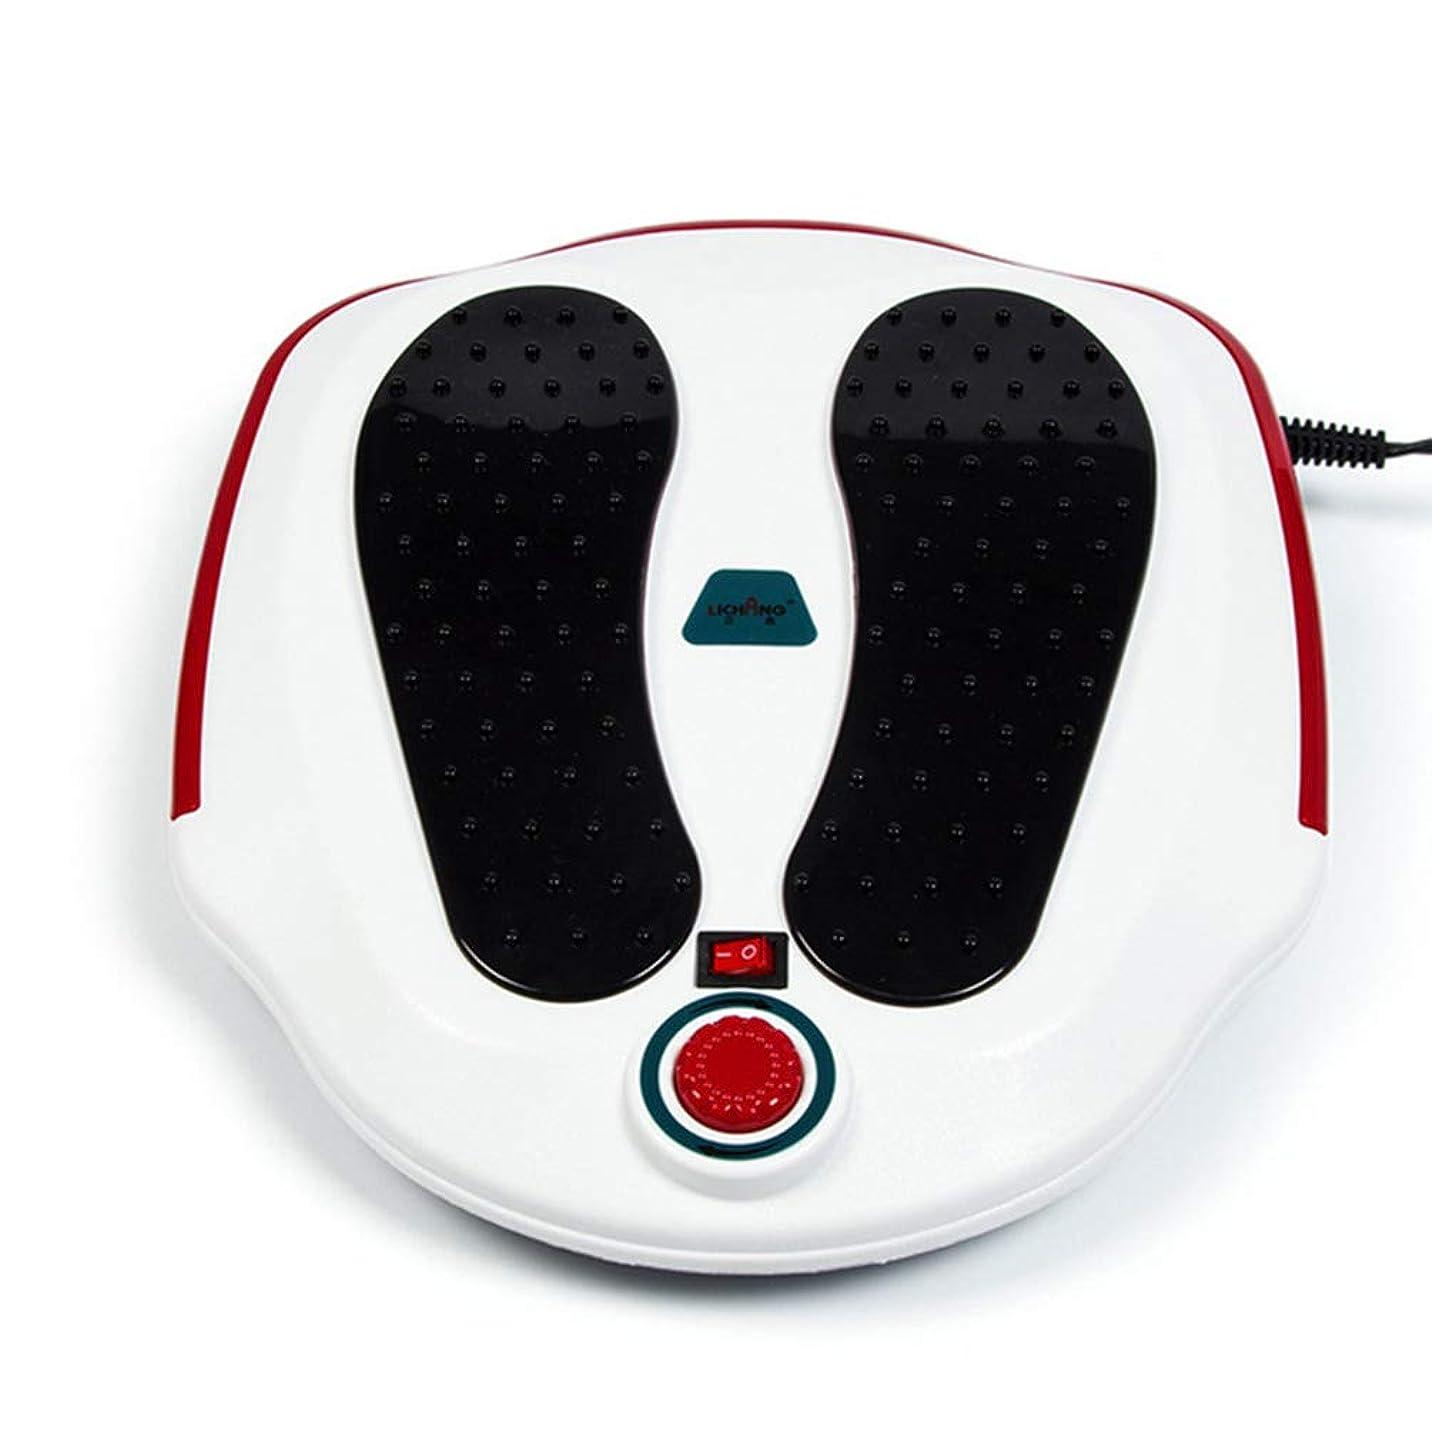 自分誘惑そこから調整可能 フットマッサージャー、フルフットマッサージエクスペリエンス用ABS素材、循環系の改善、硬い筋肉の柔らかさ、痛みの緩和治療。 リラックス